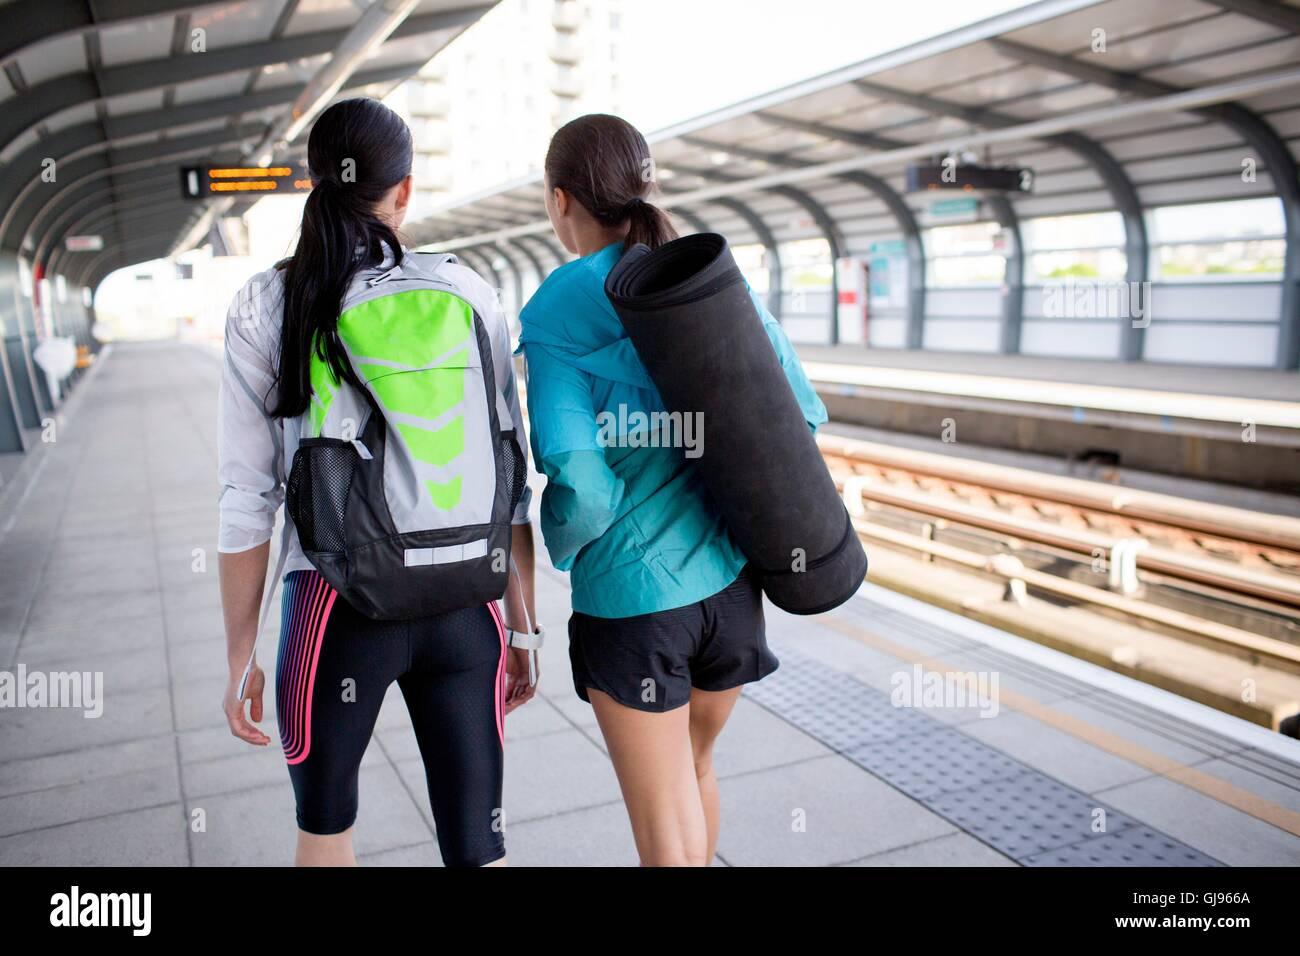 Parution du modèle. Deux jeunes femmes avec des équipements sportifs sur un quai de gare. Photo Stock